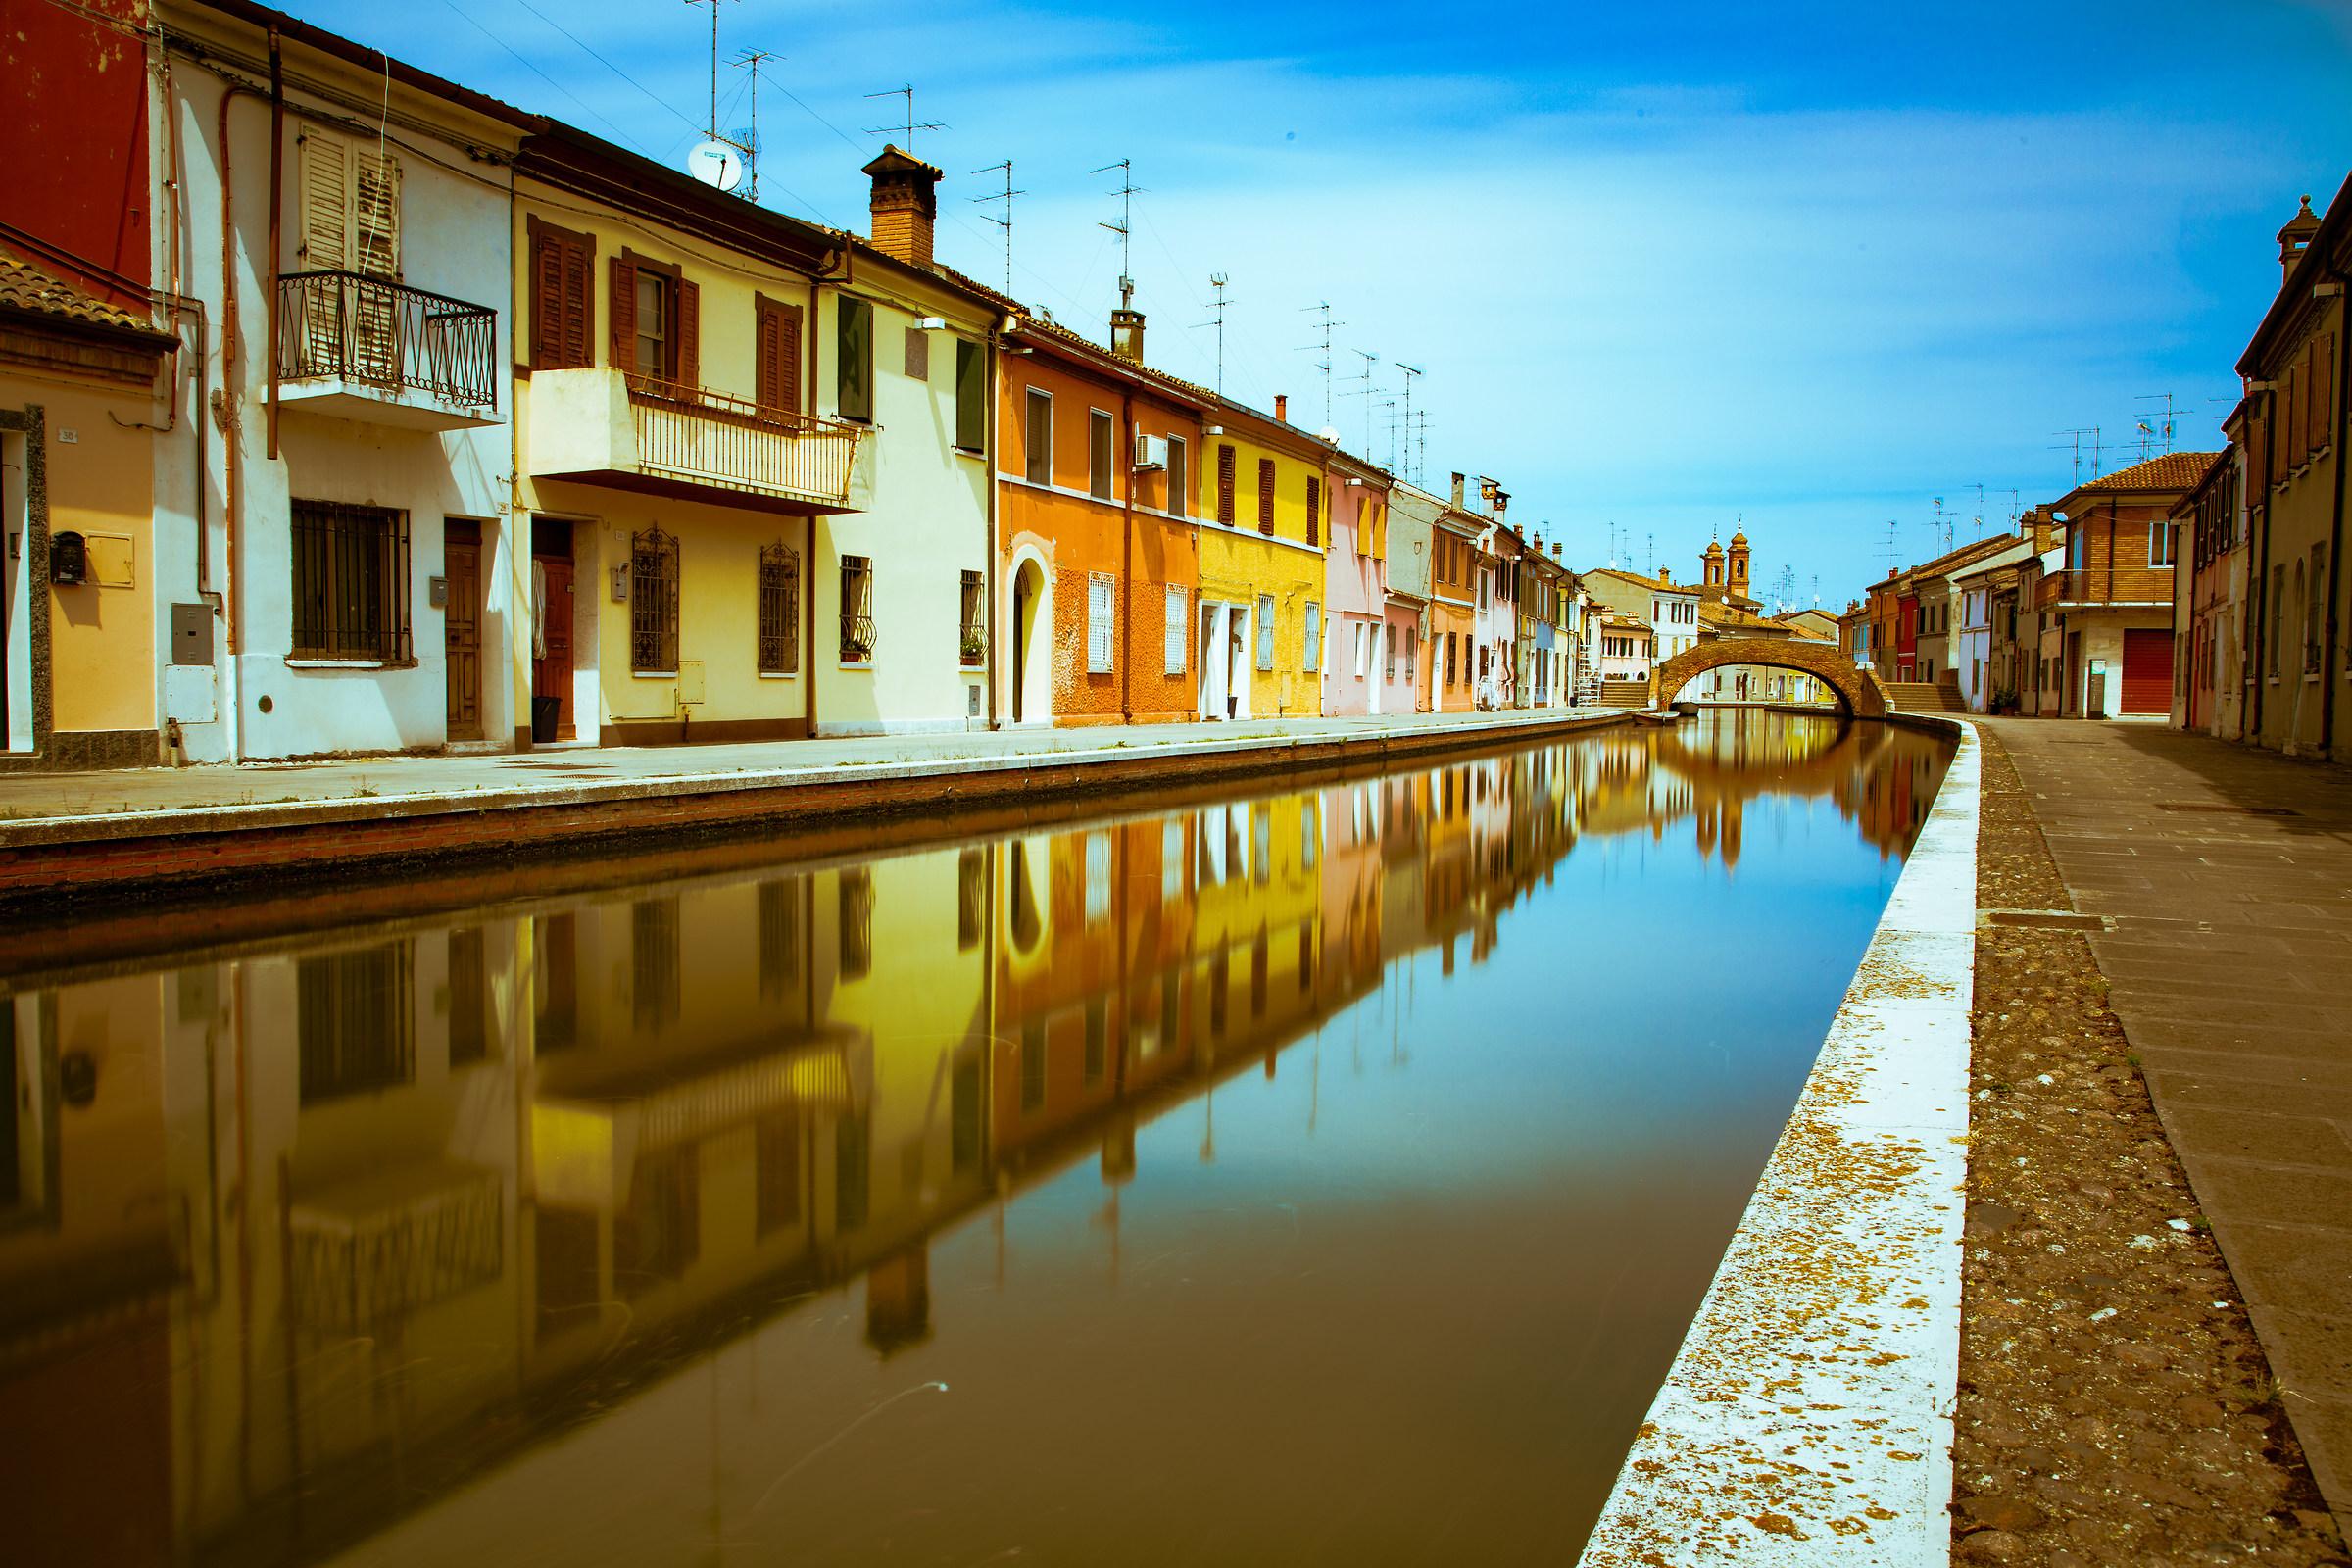 Le case nel fiume...